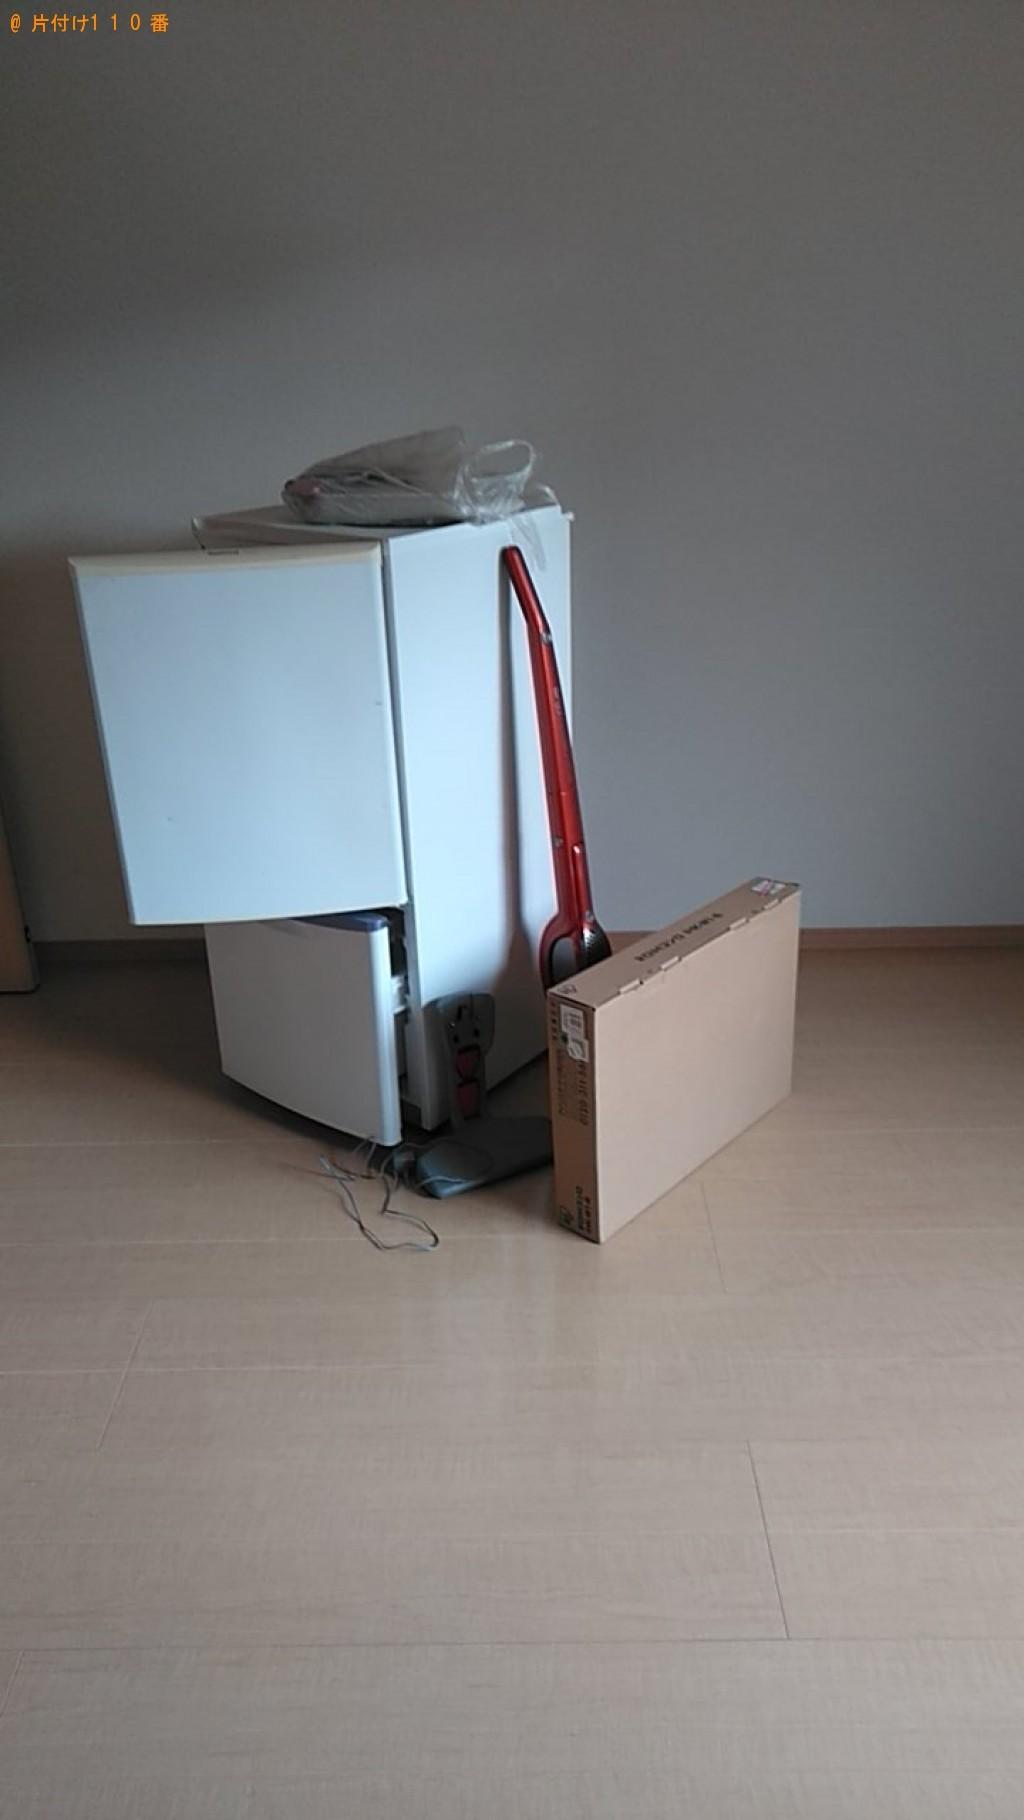 【松山市古川北】冷蔵庫、ガスコンロの回収・処分ご依頼 お客様の声